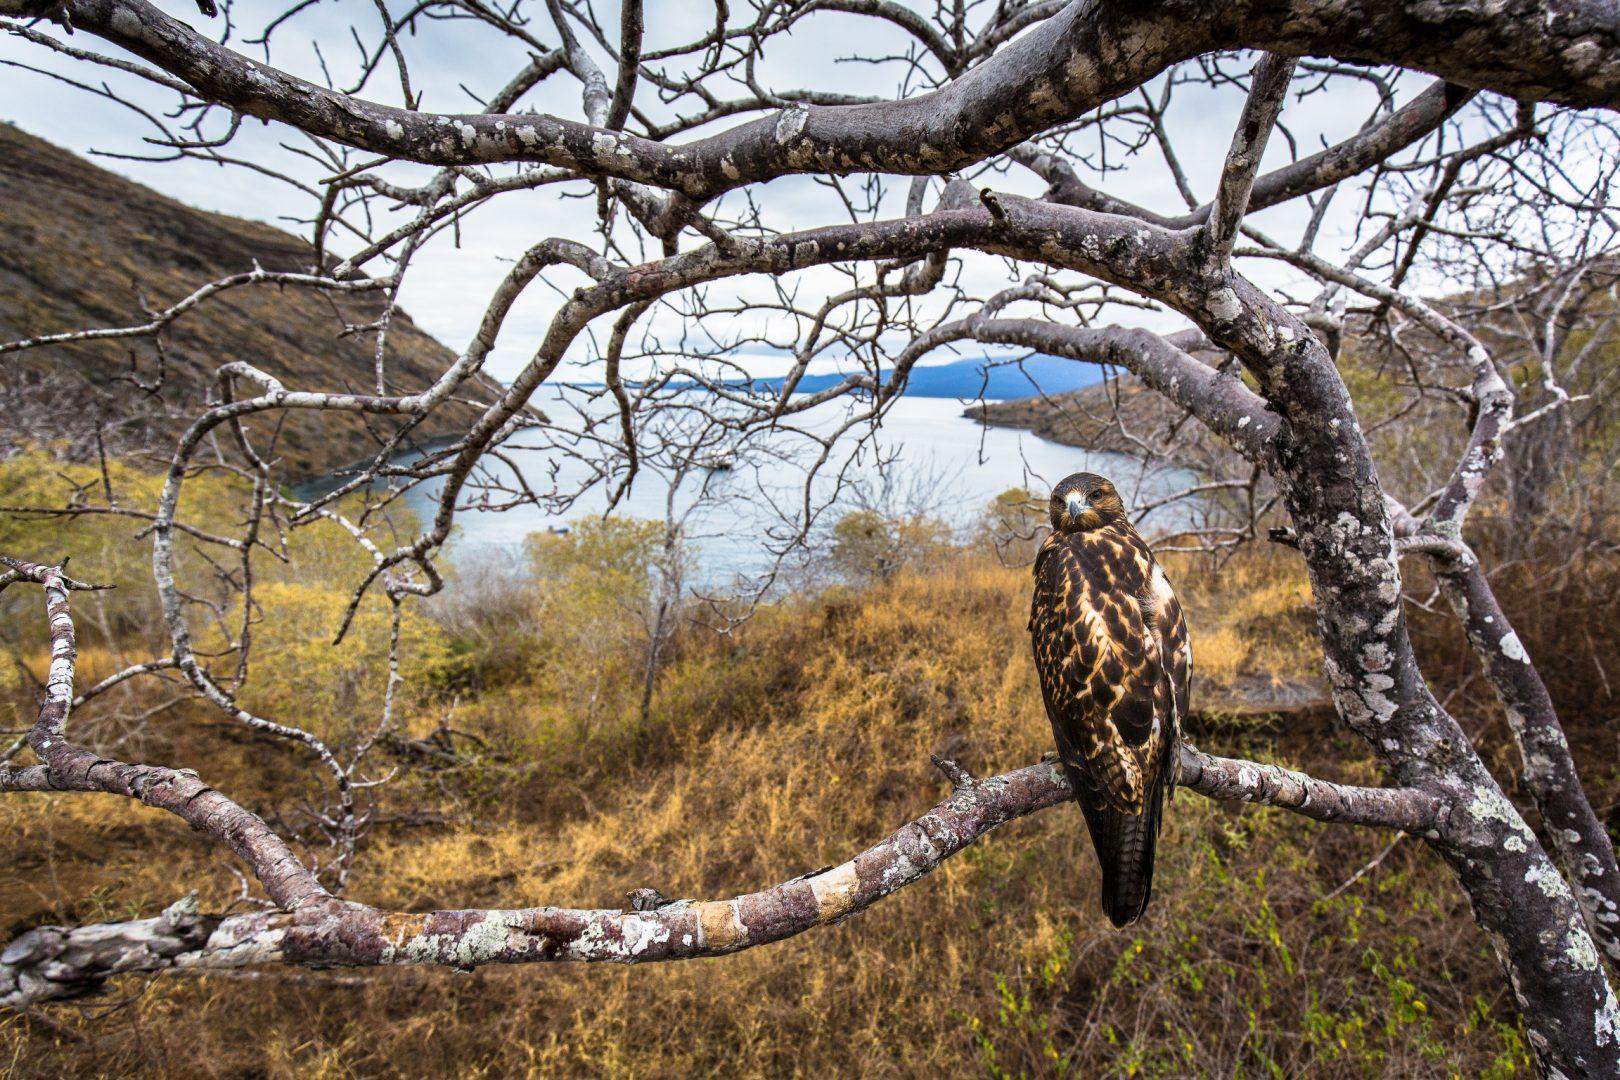 Galapagos hawk_Photo by Max Aliaga